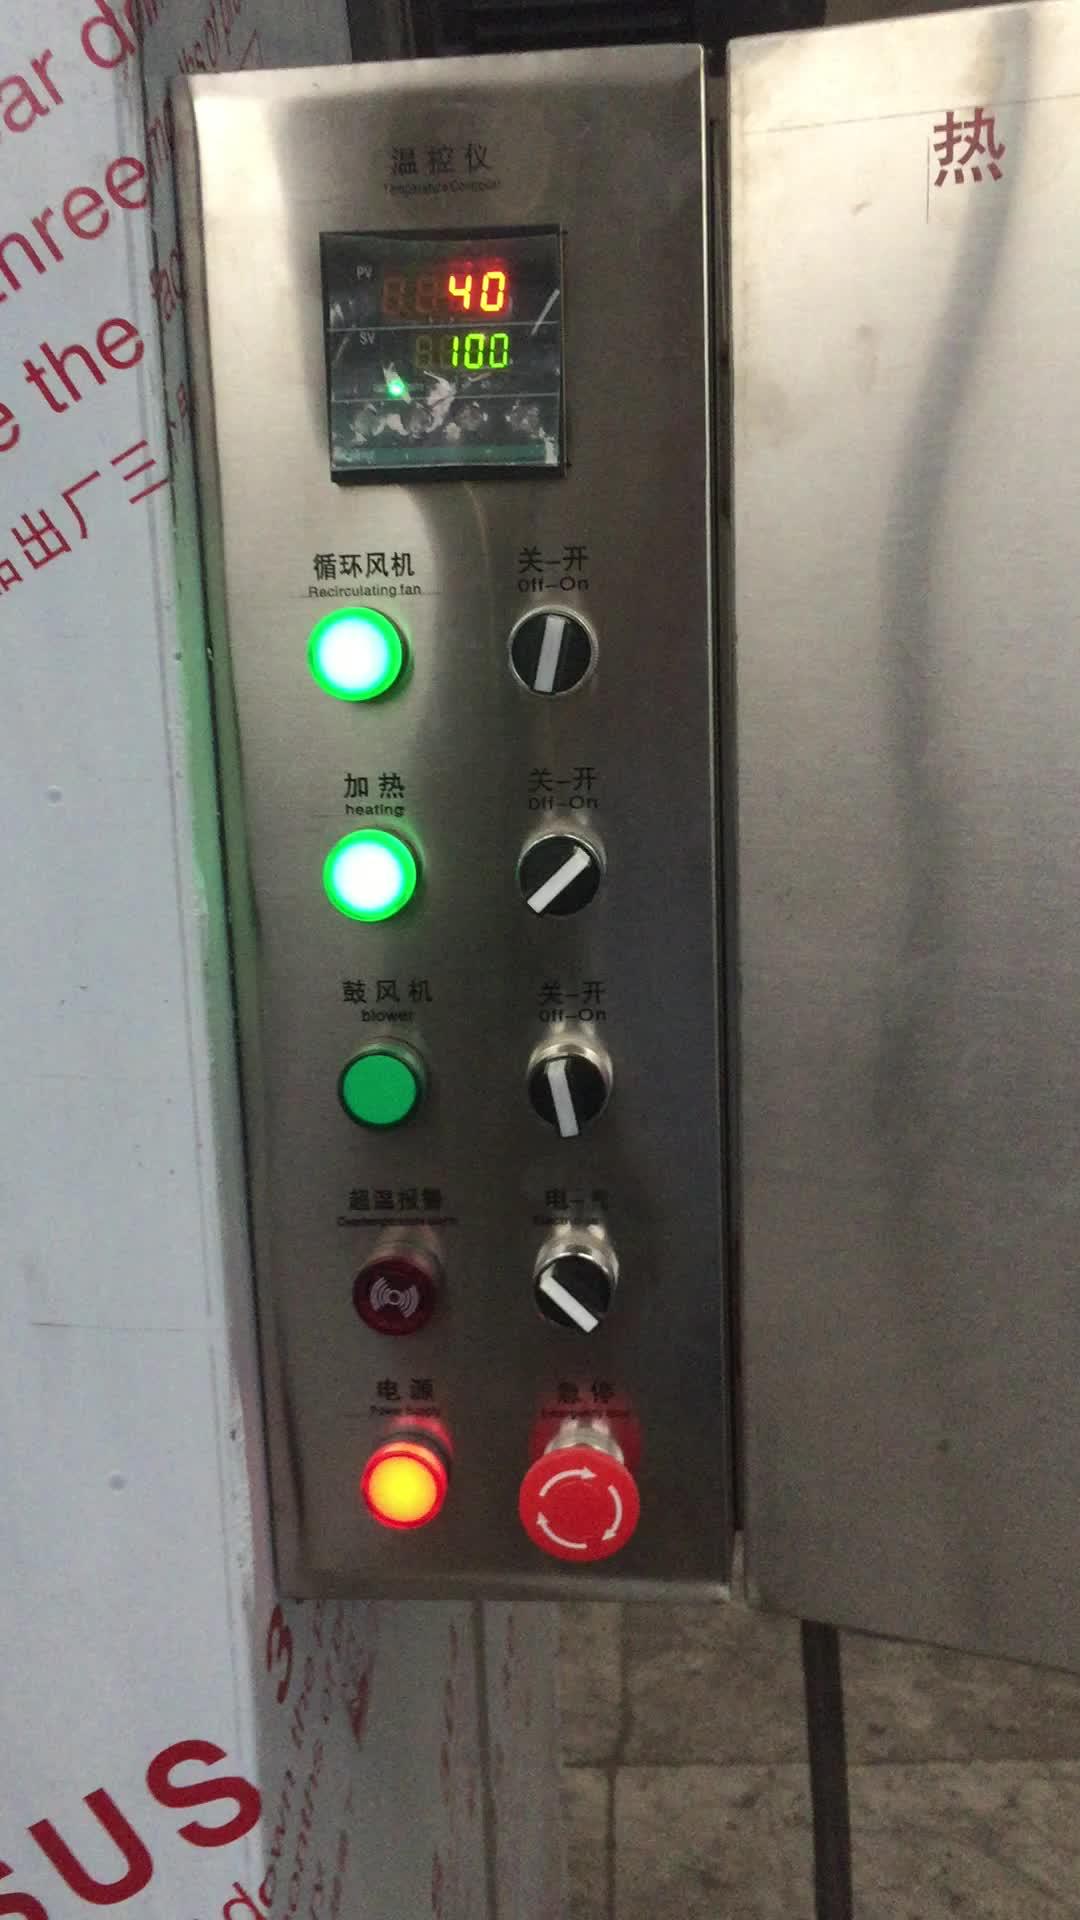 गर्म हवा परिसंचारी नारियल सर्द बीन कसावा चिप्स ड्रायर सुखाने की मशीन उद्योग के लिए